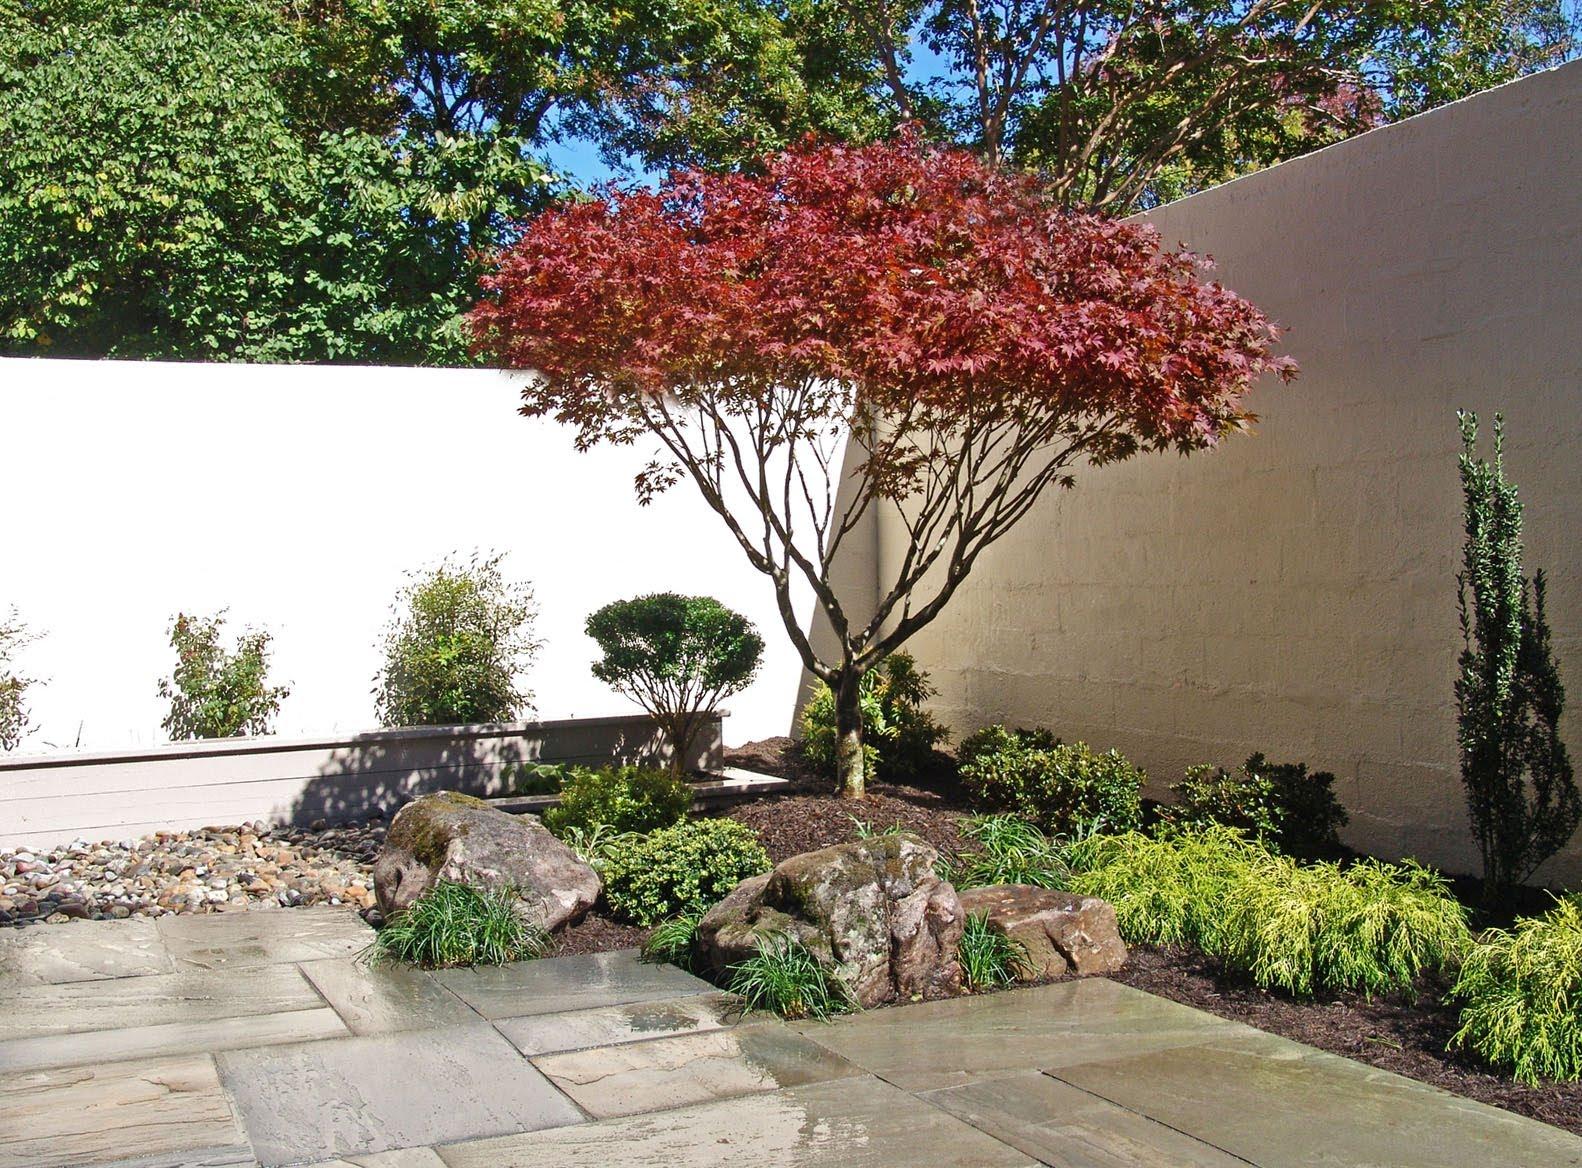 oriental-garden-design-ideas-photo-16